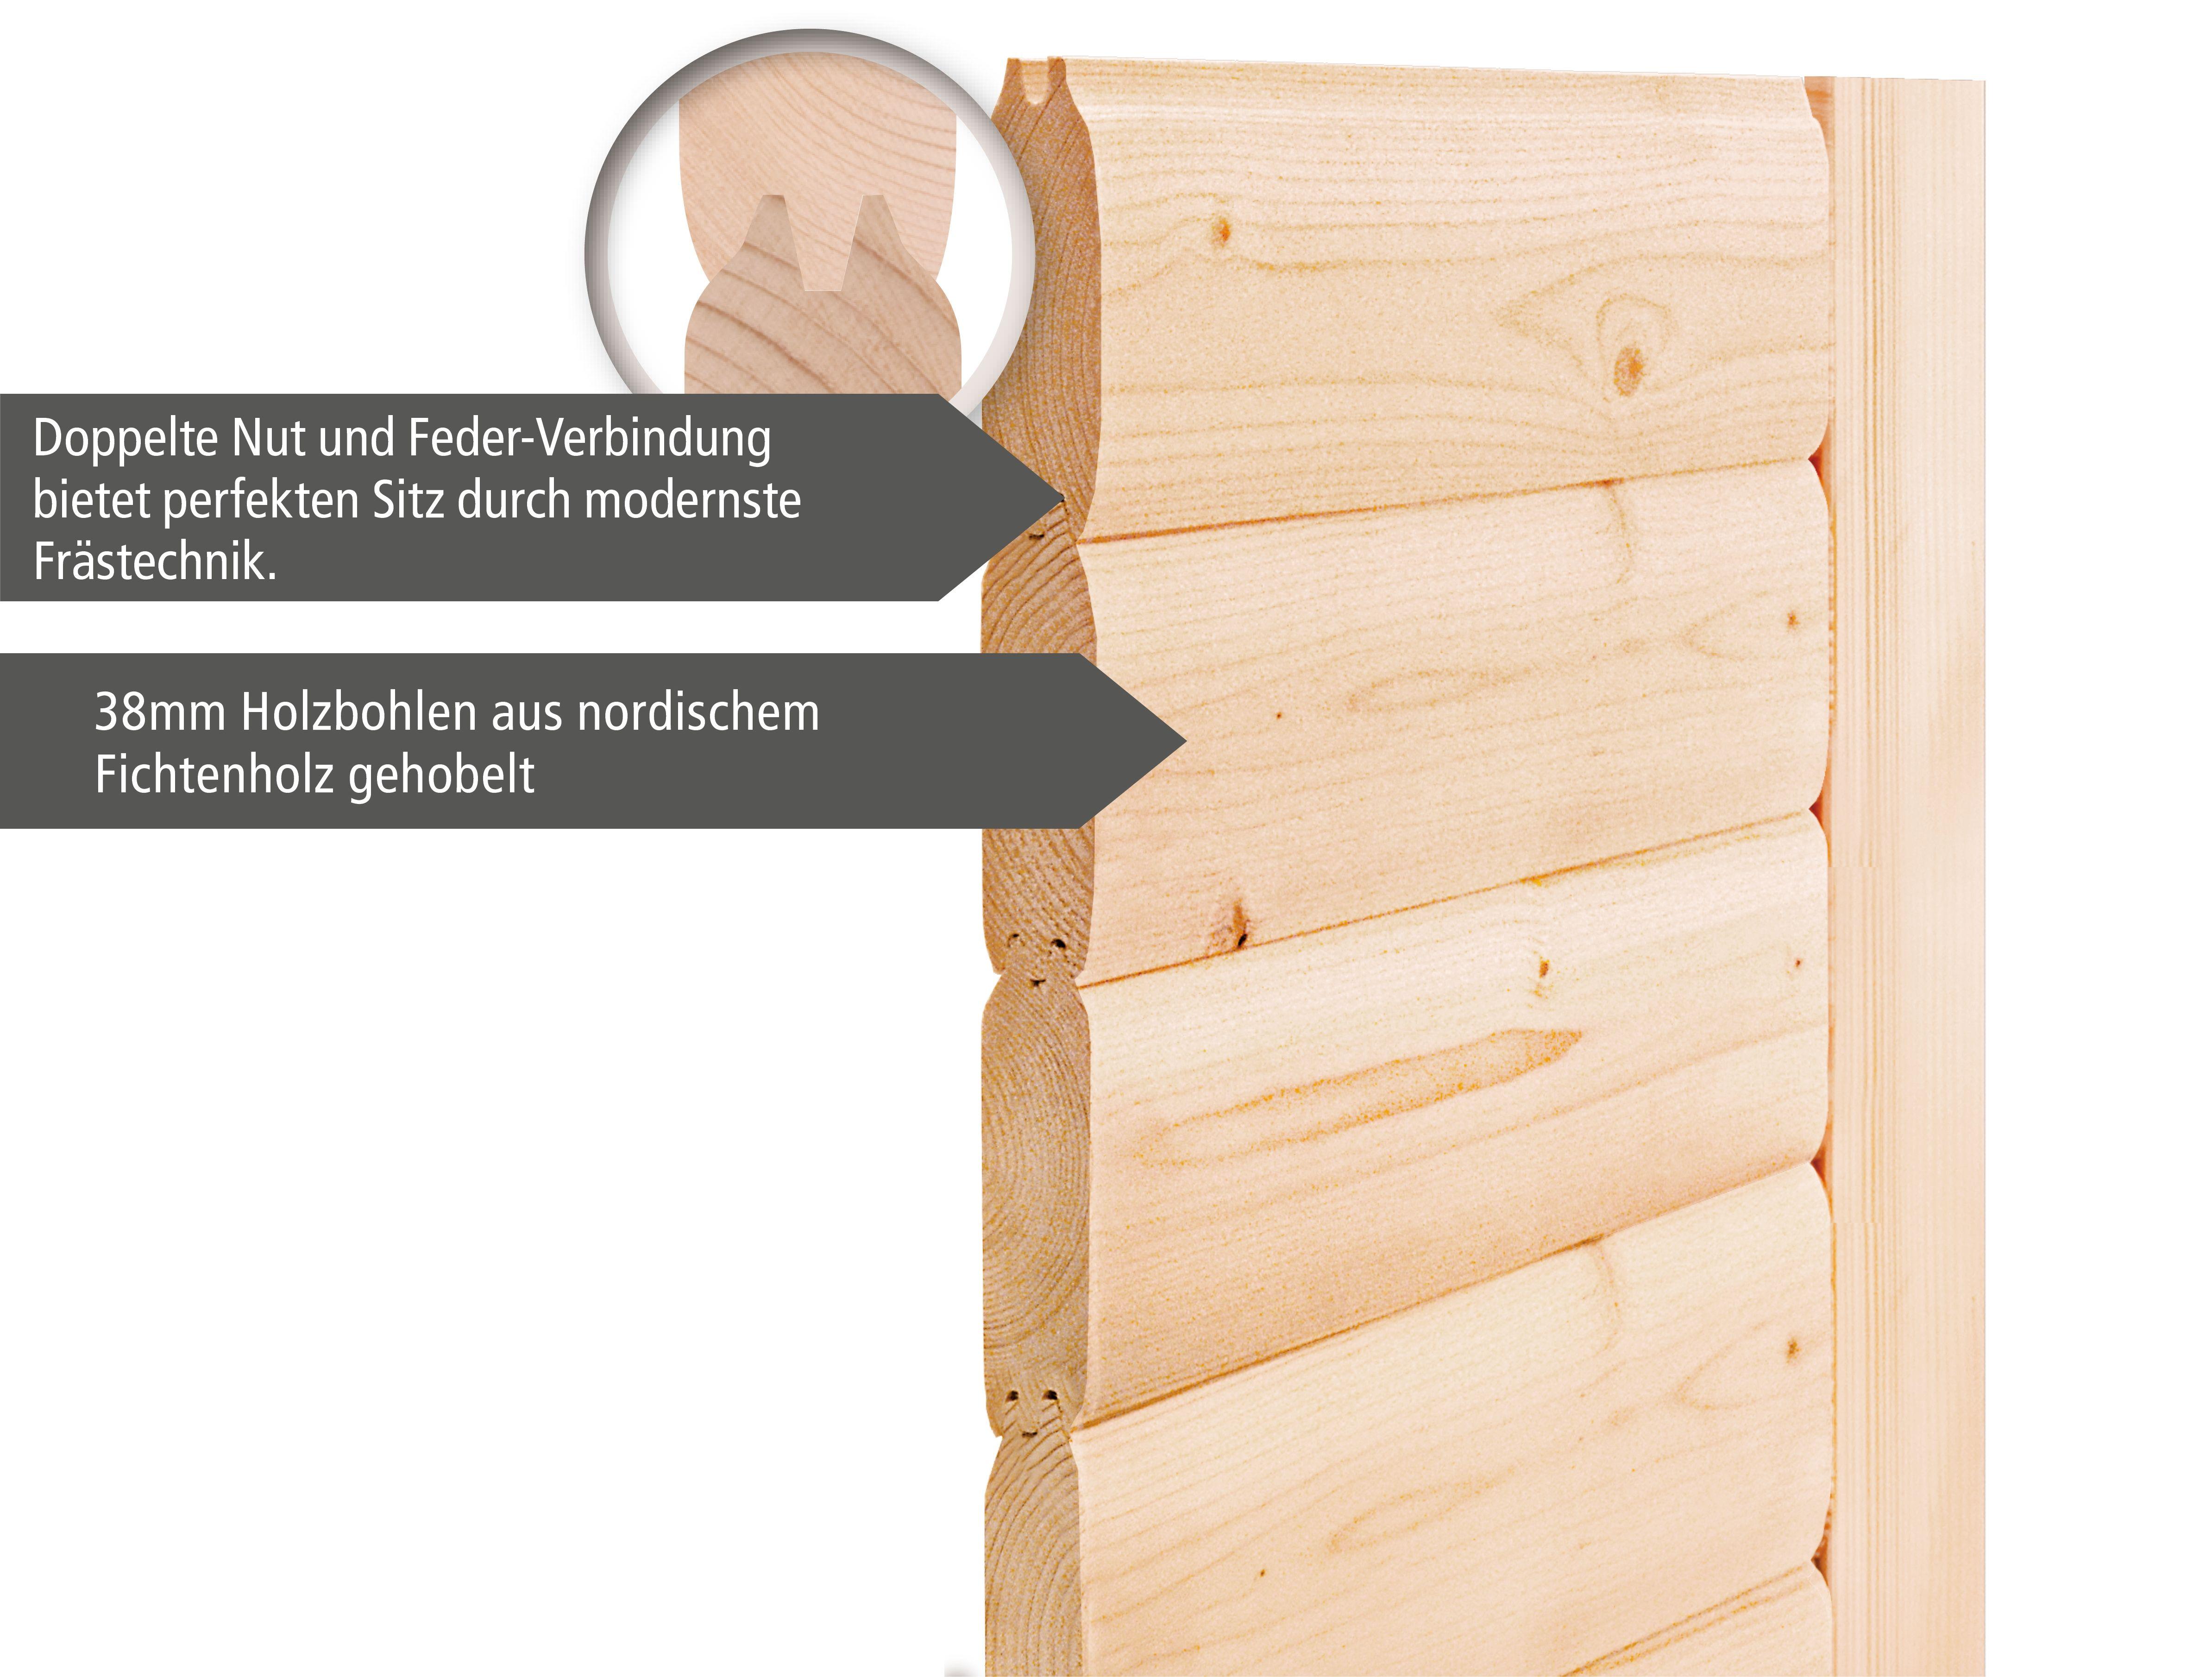 Woodfeeling Sauna Sandra 38mm Saunaofen 9 kW extern Bild 3